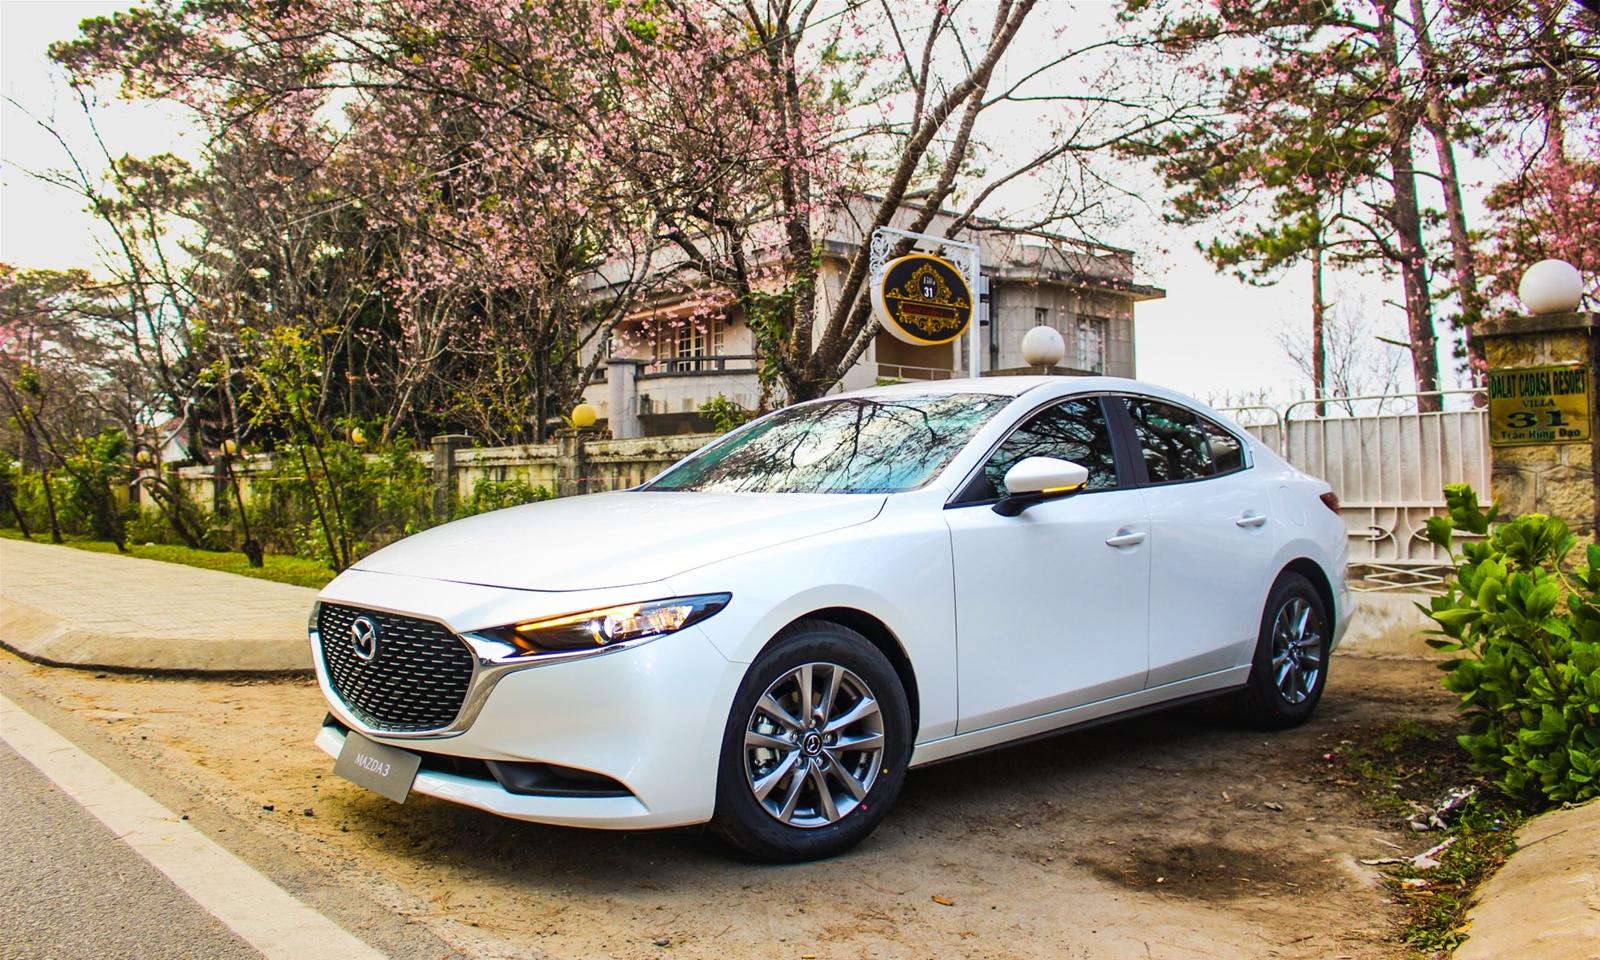 Bảng giá xe Mazda tháng 11/2020 cập nhật mới nhất